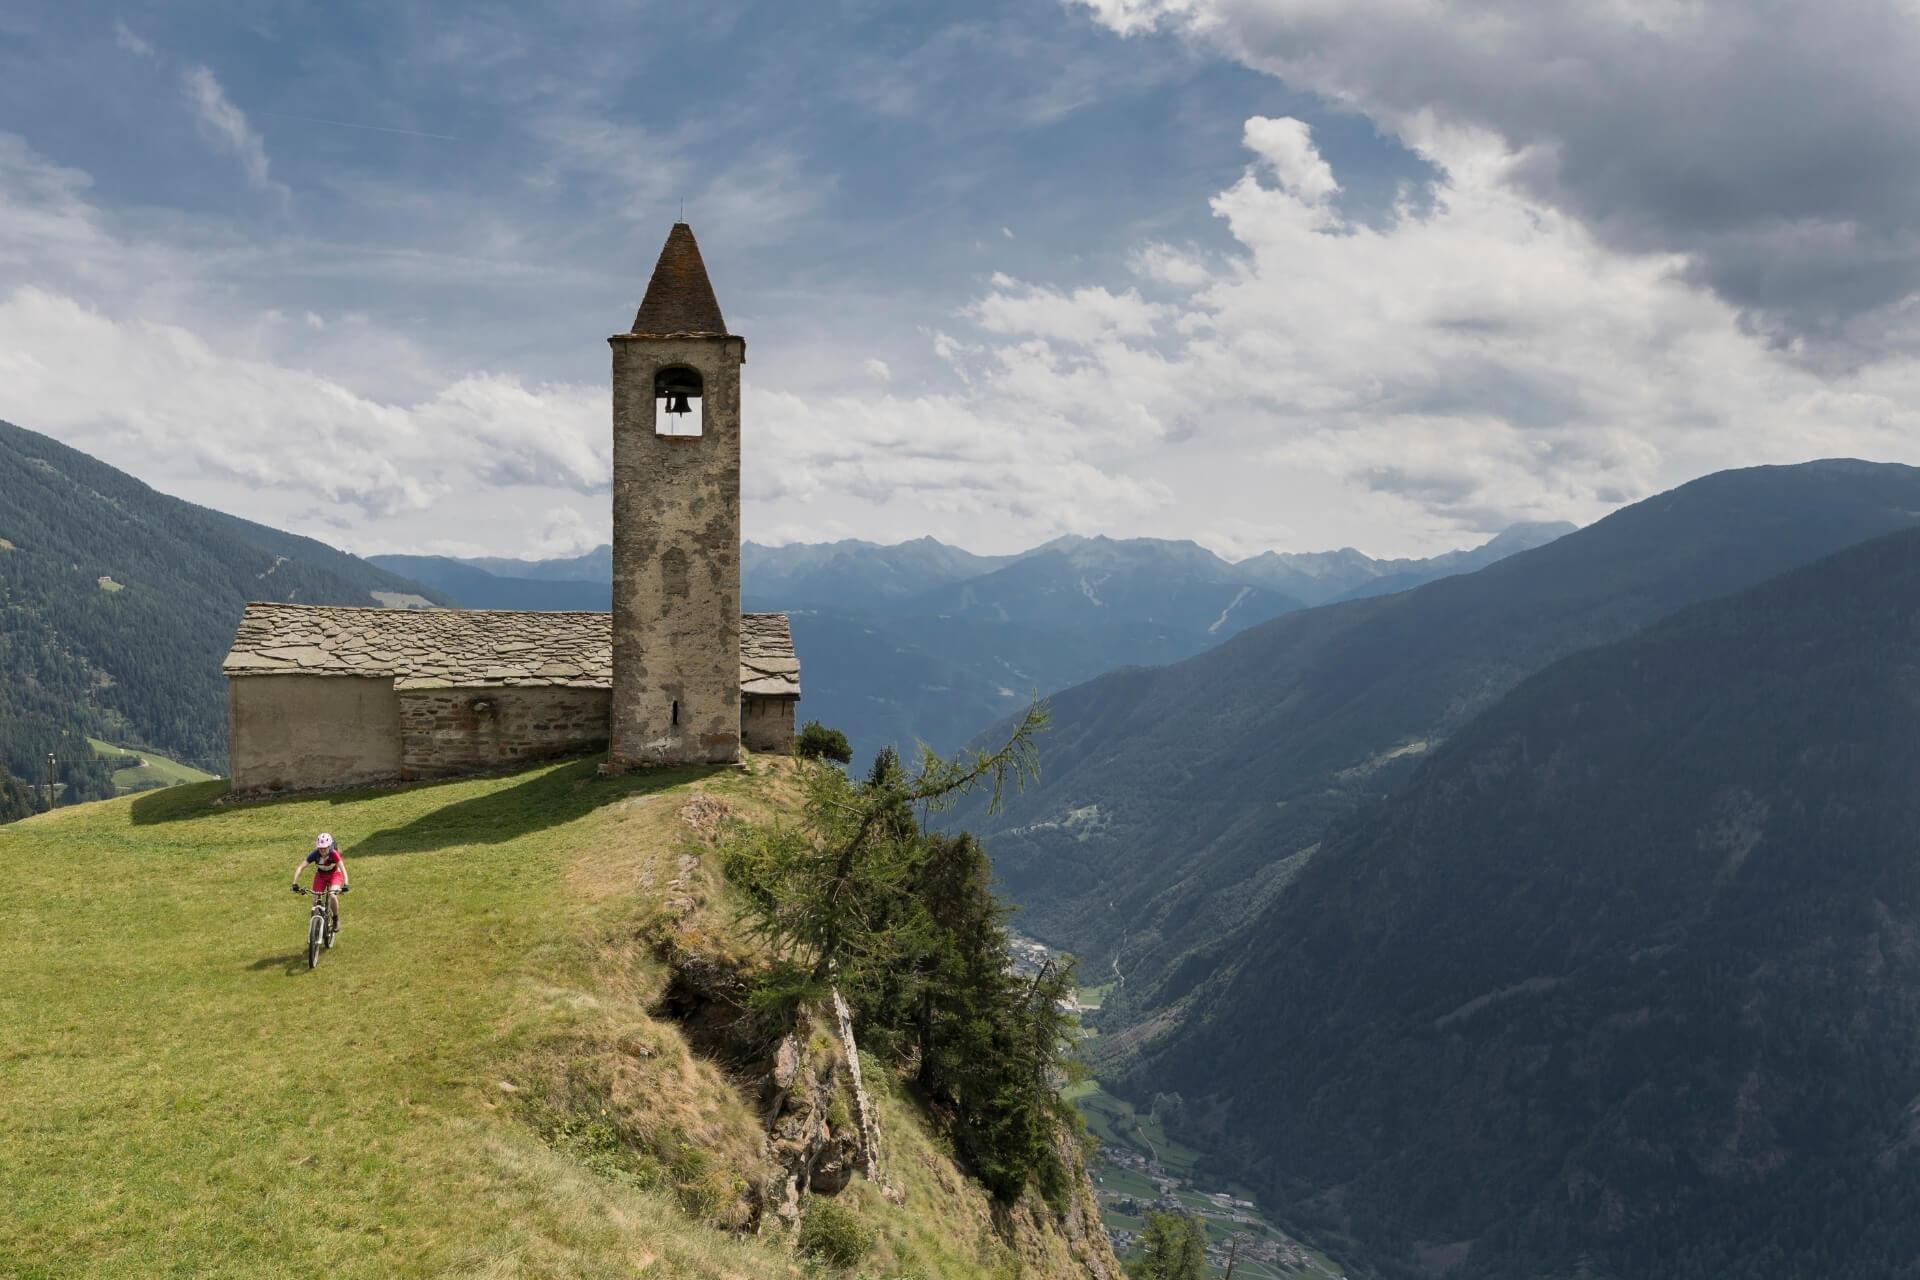 chiesetta di san Romerio in Valposchiavo: itinerario da Tirano in Valtellina